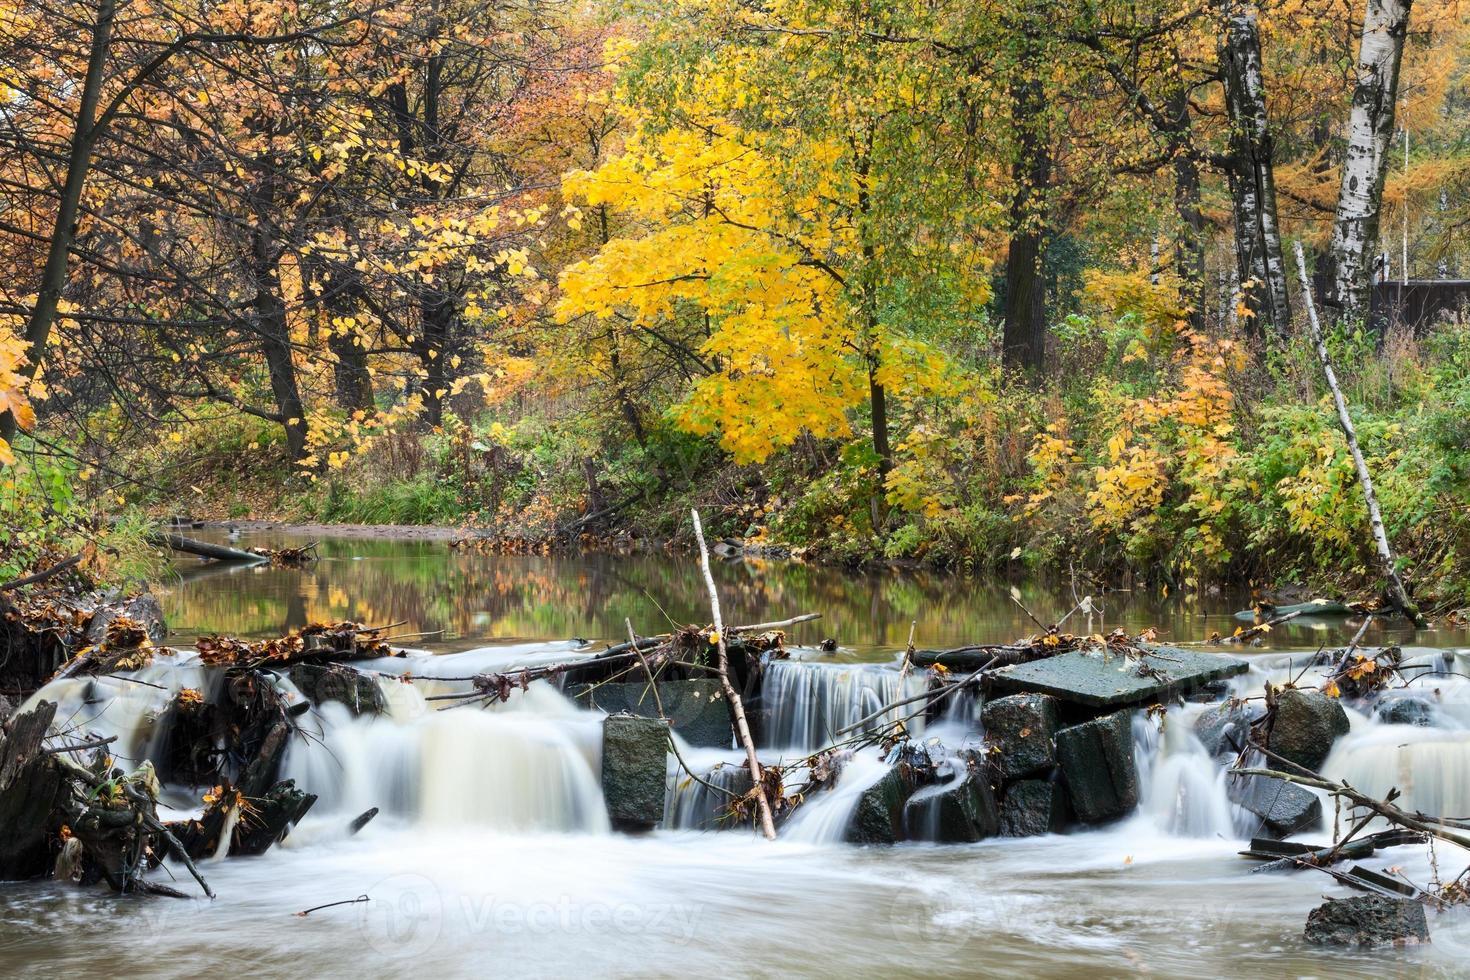 gyllene skog med flödande flodvatten genom stenar på hösten foto